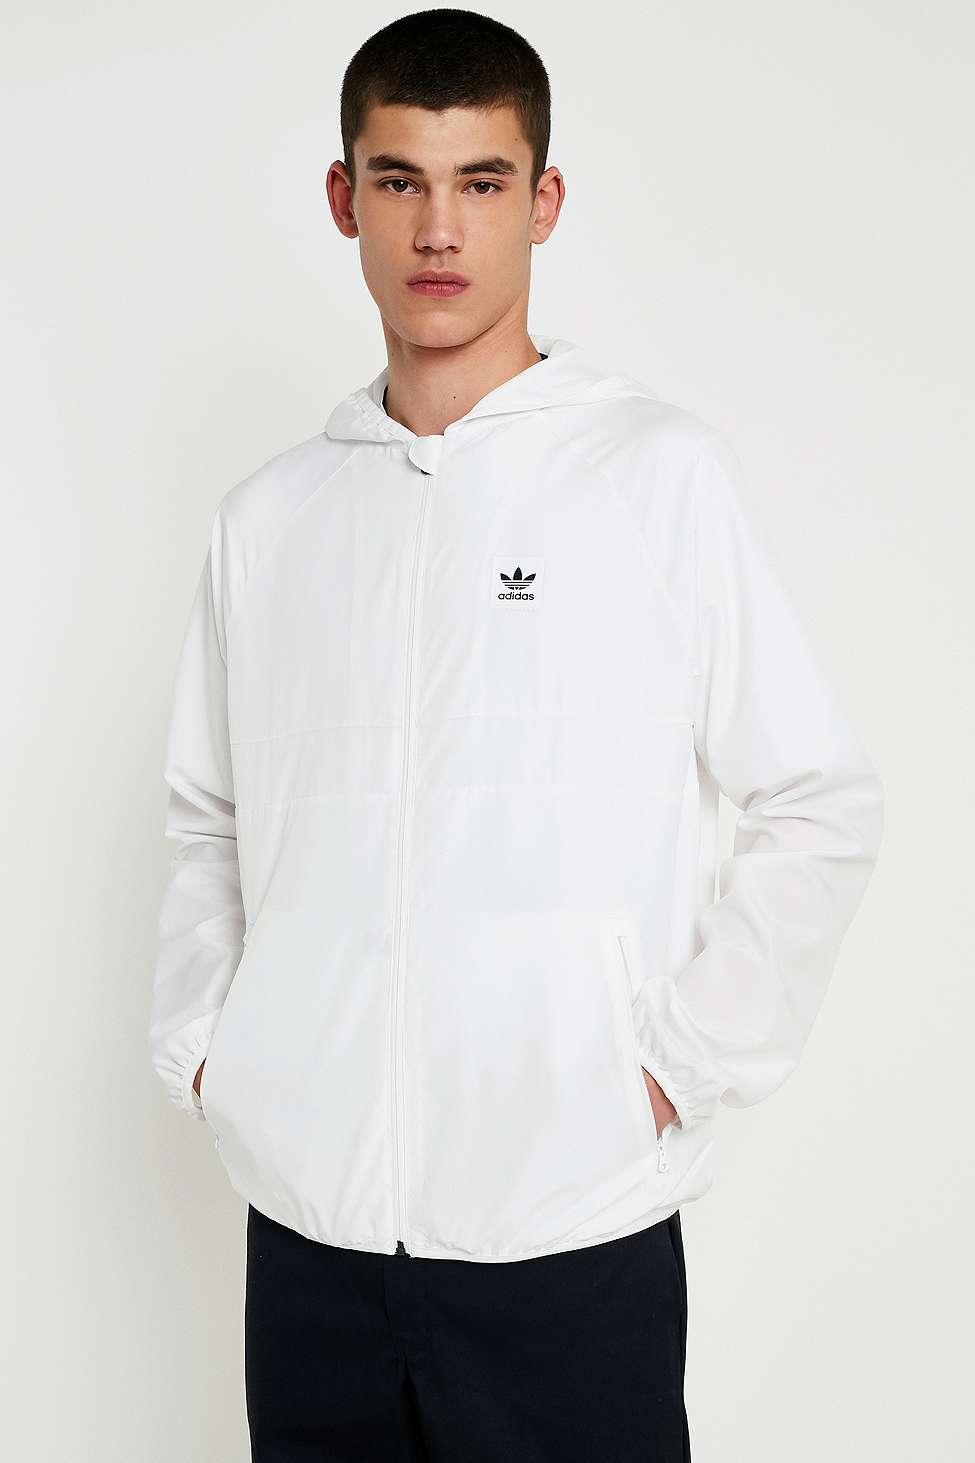 adidas originali climalite bb bianco, giacca a vento urbano